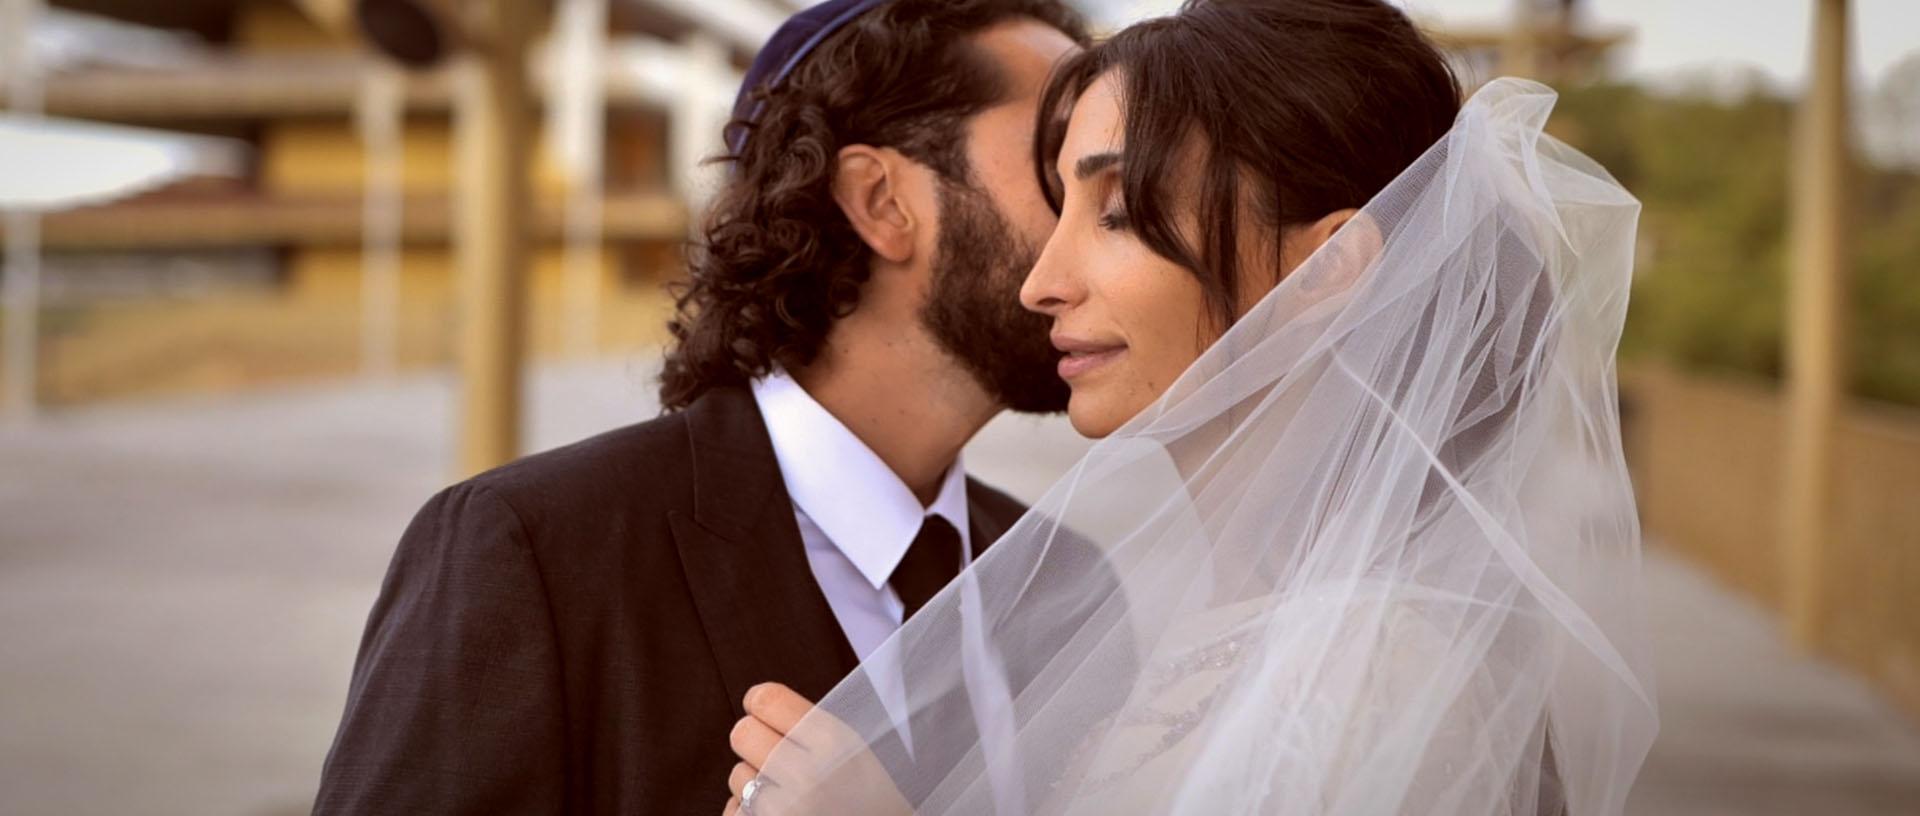 Vidéaste mariage IDF - hippodrome paris longchamp